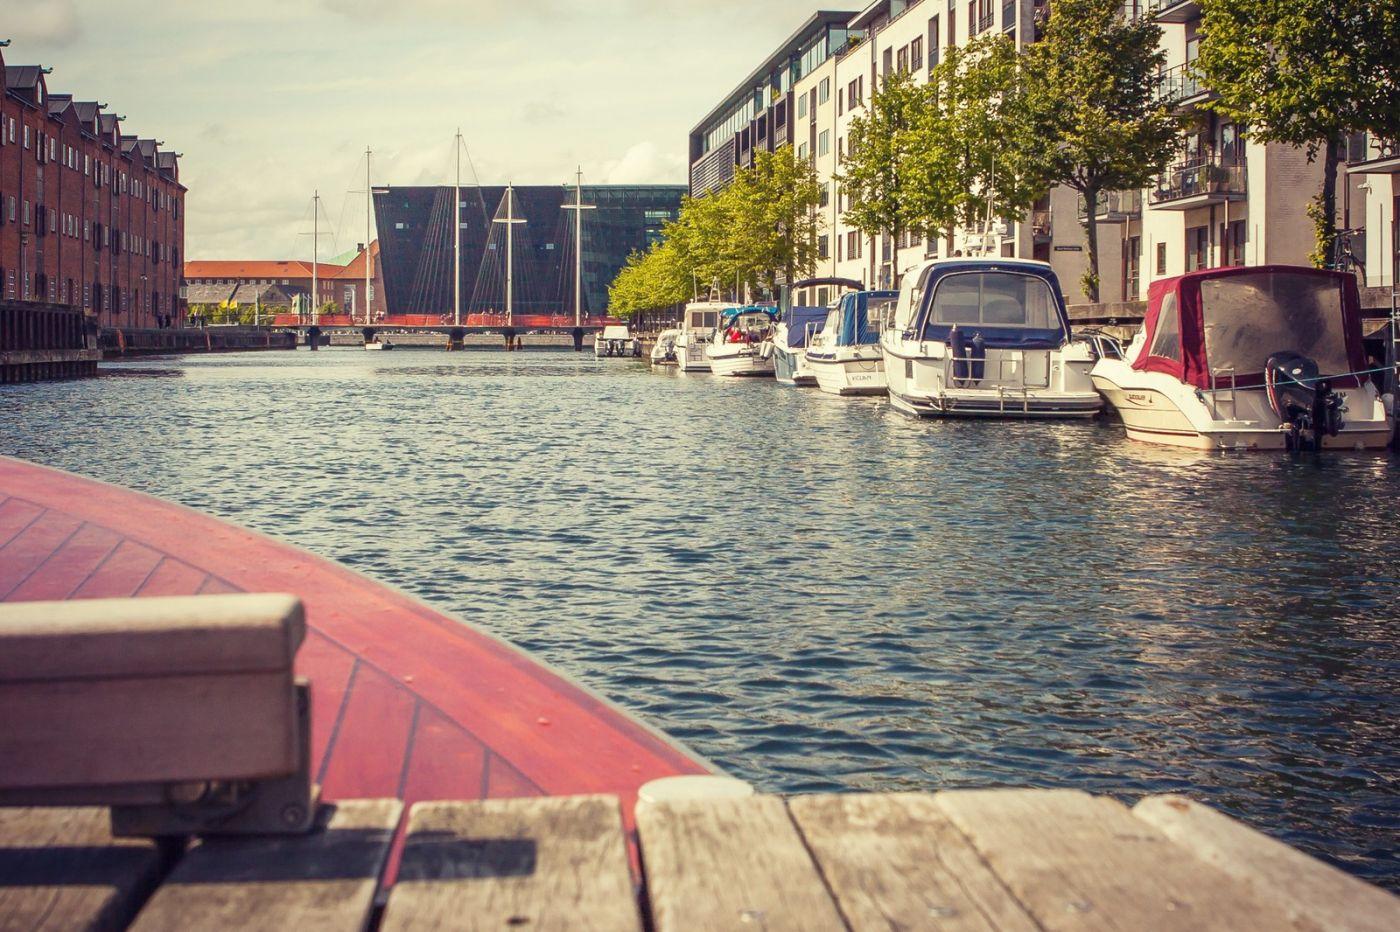 丹麦哥本哈根,新旧融合的城市_图1-28